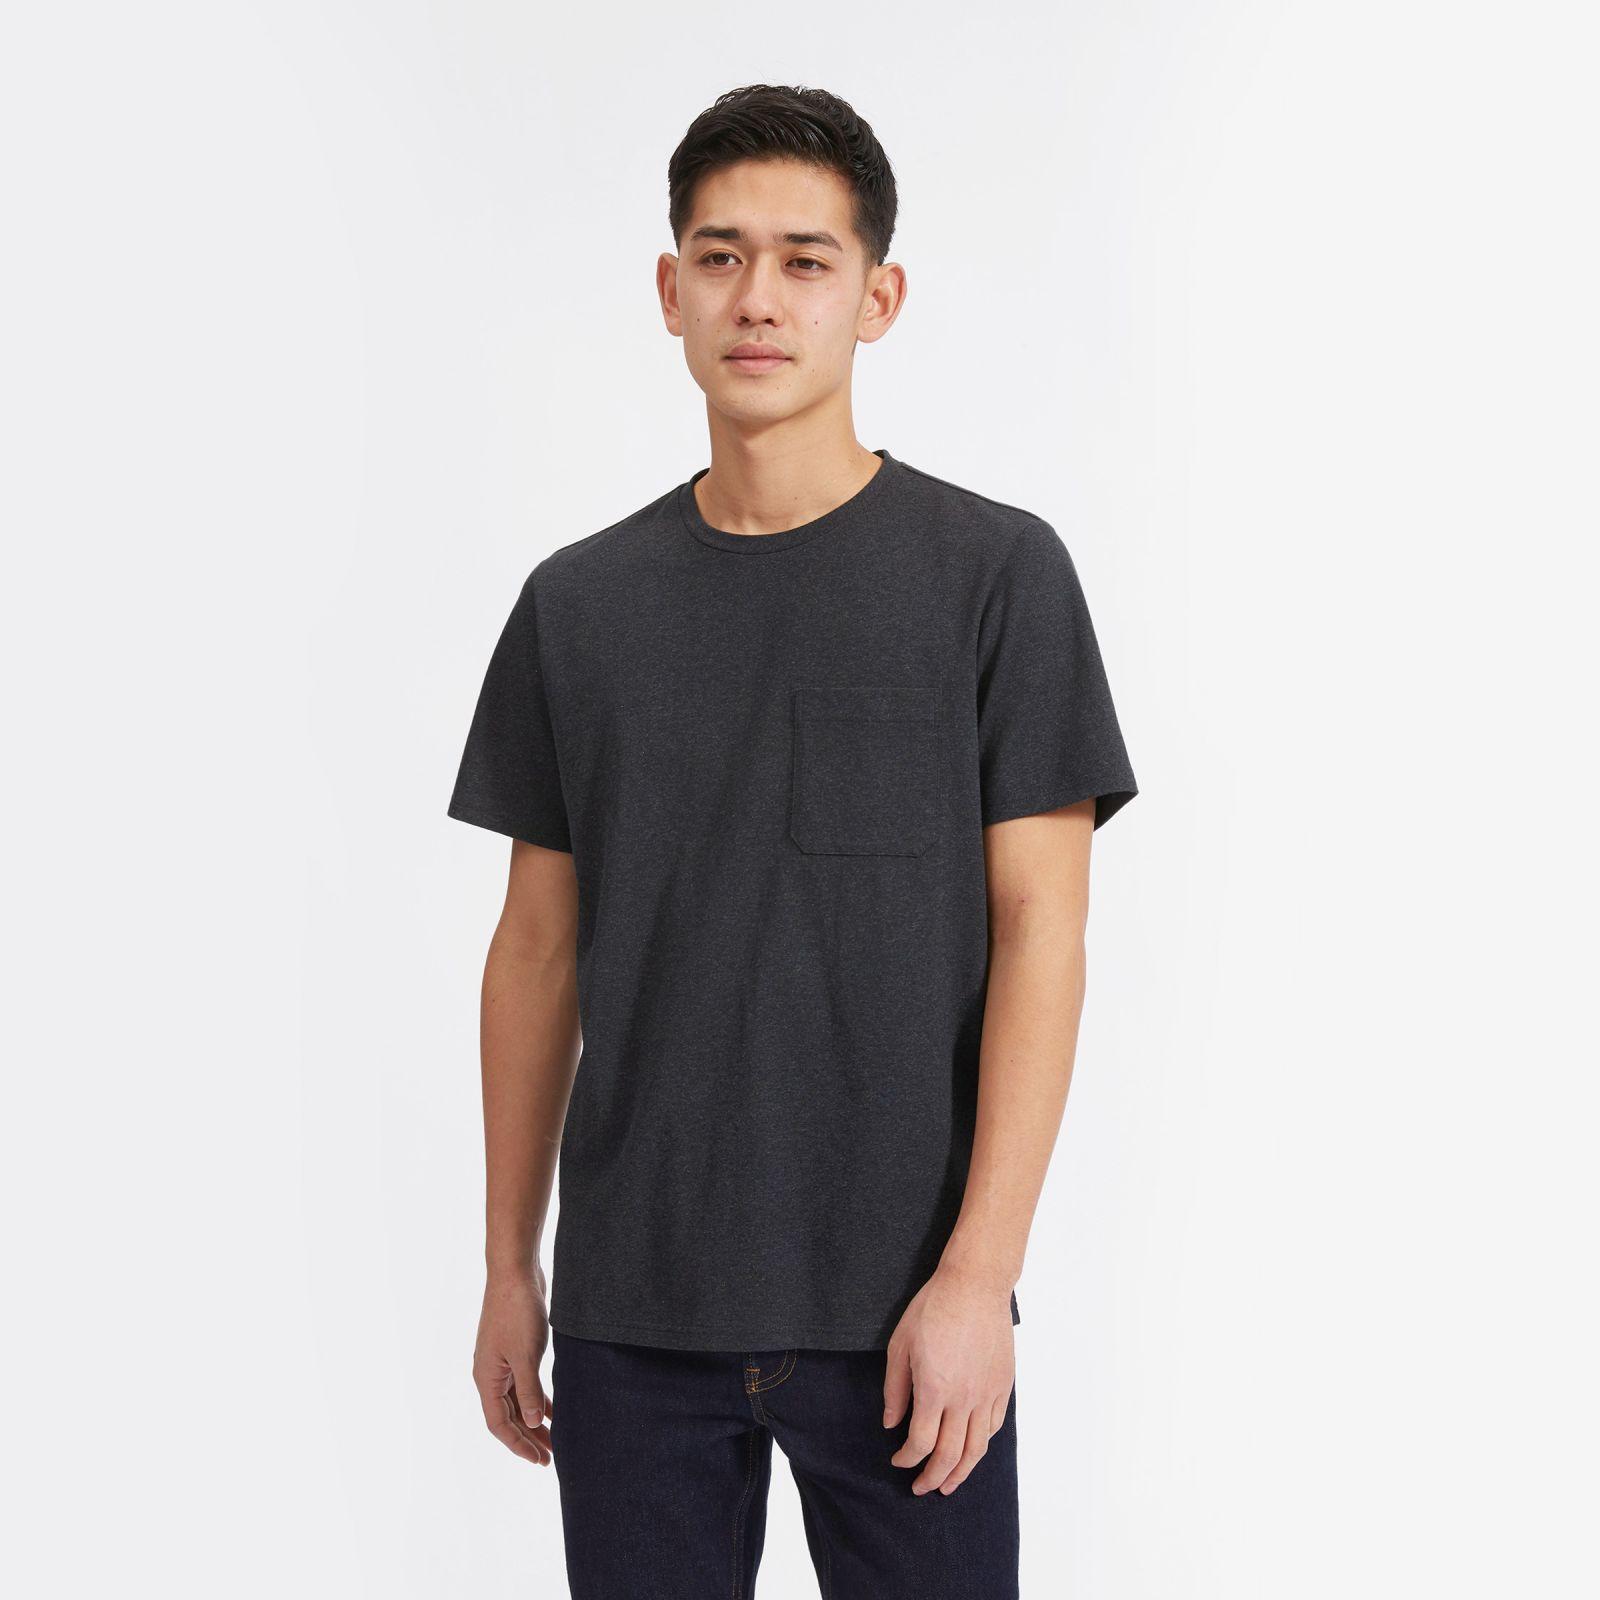 men's premium weight pocket t-shirt by everlane in heather navy, size xxl